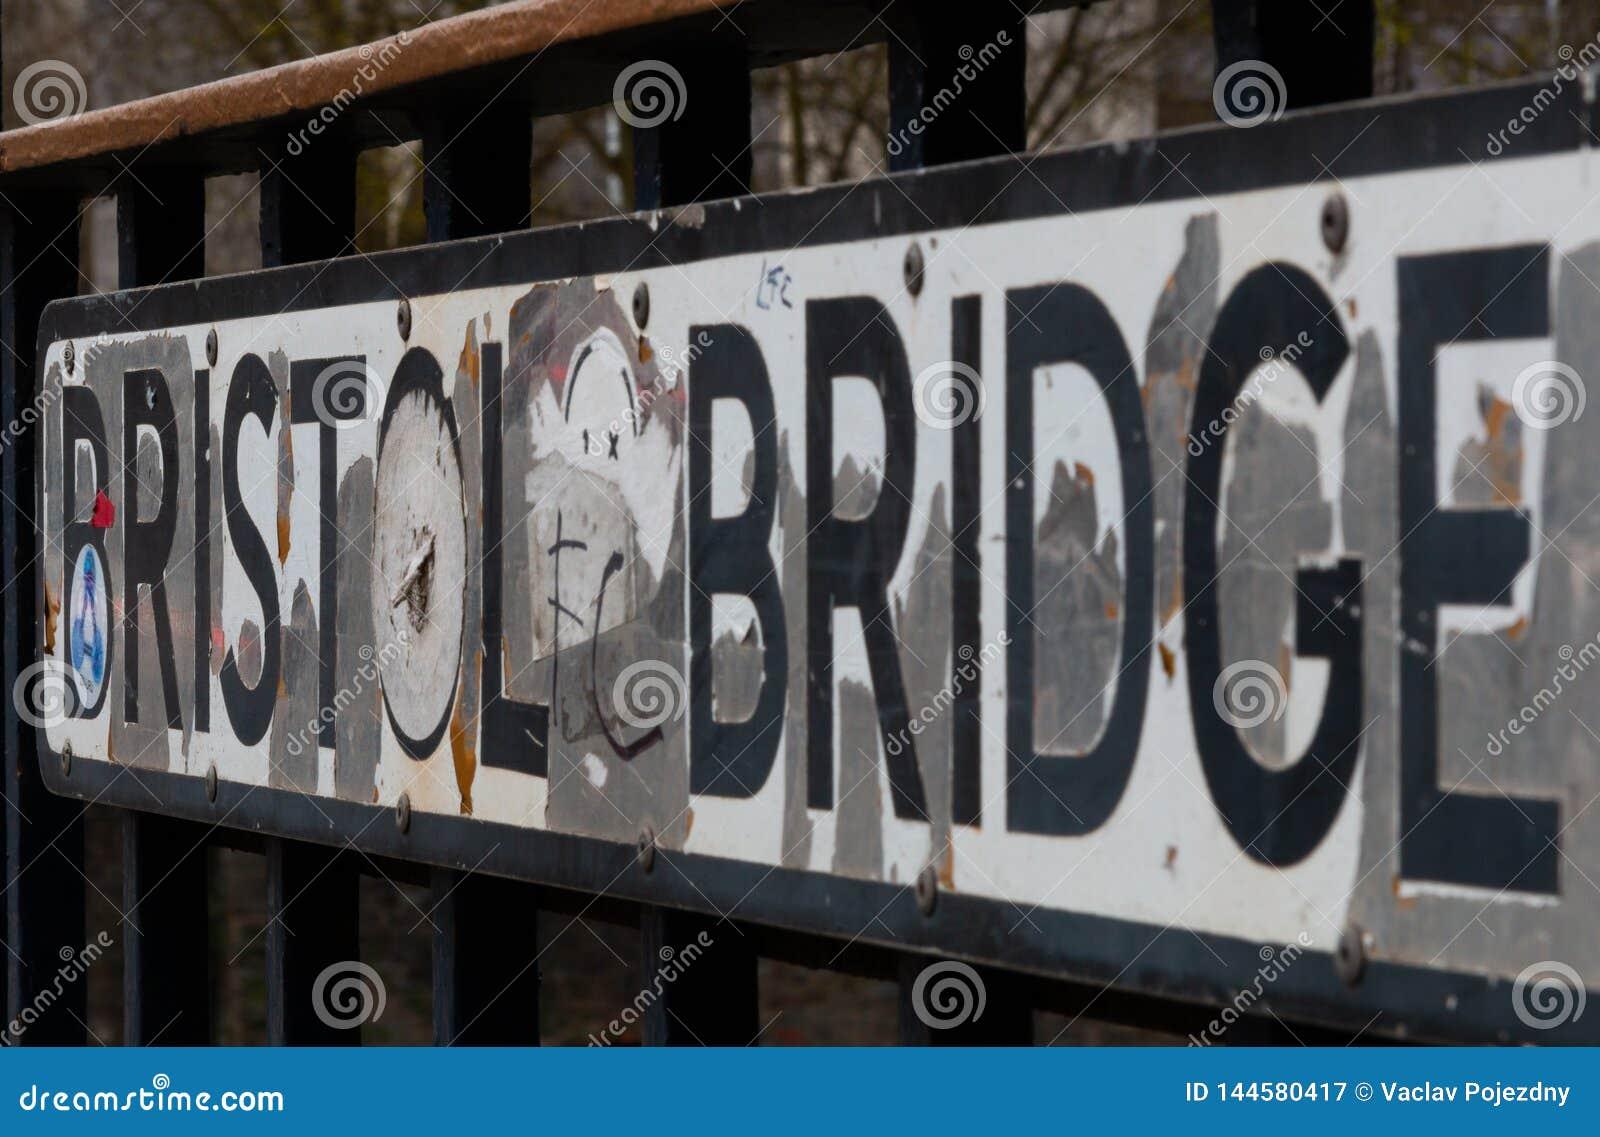 Σημάδι οδών στο Μπρίστολ σε μια γέφυρα